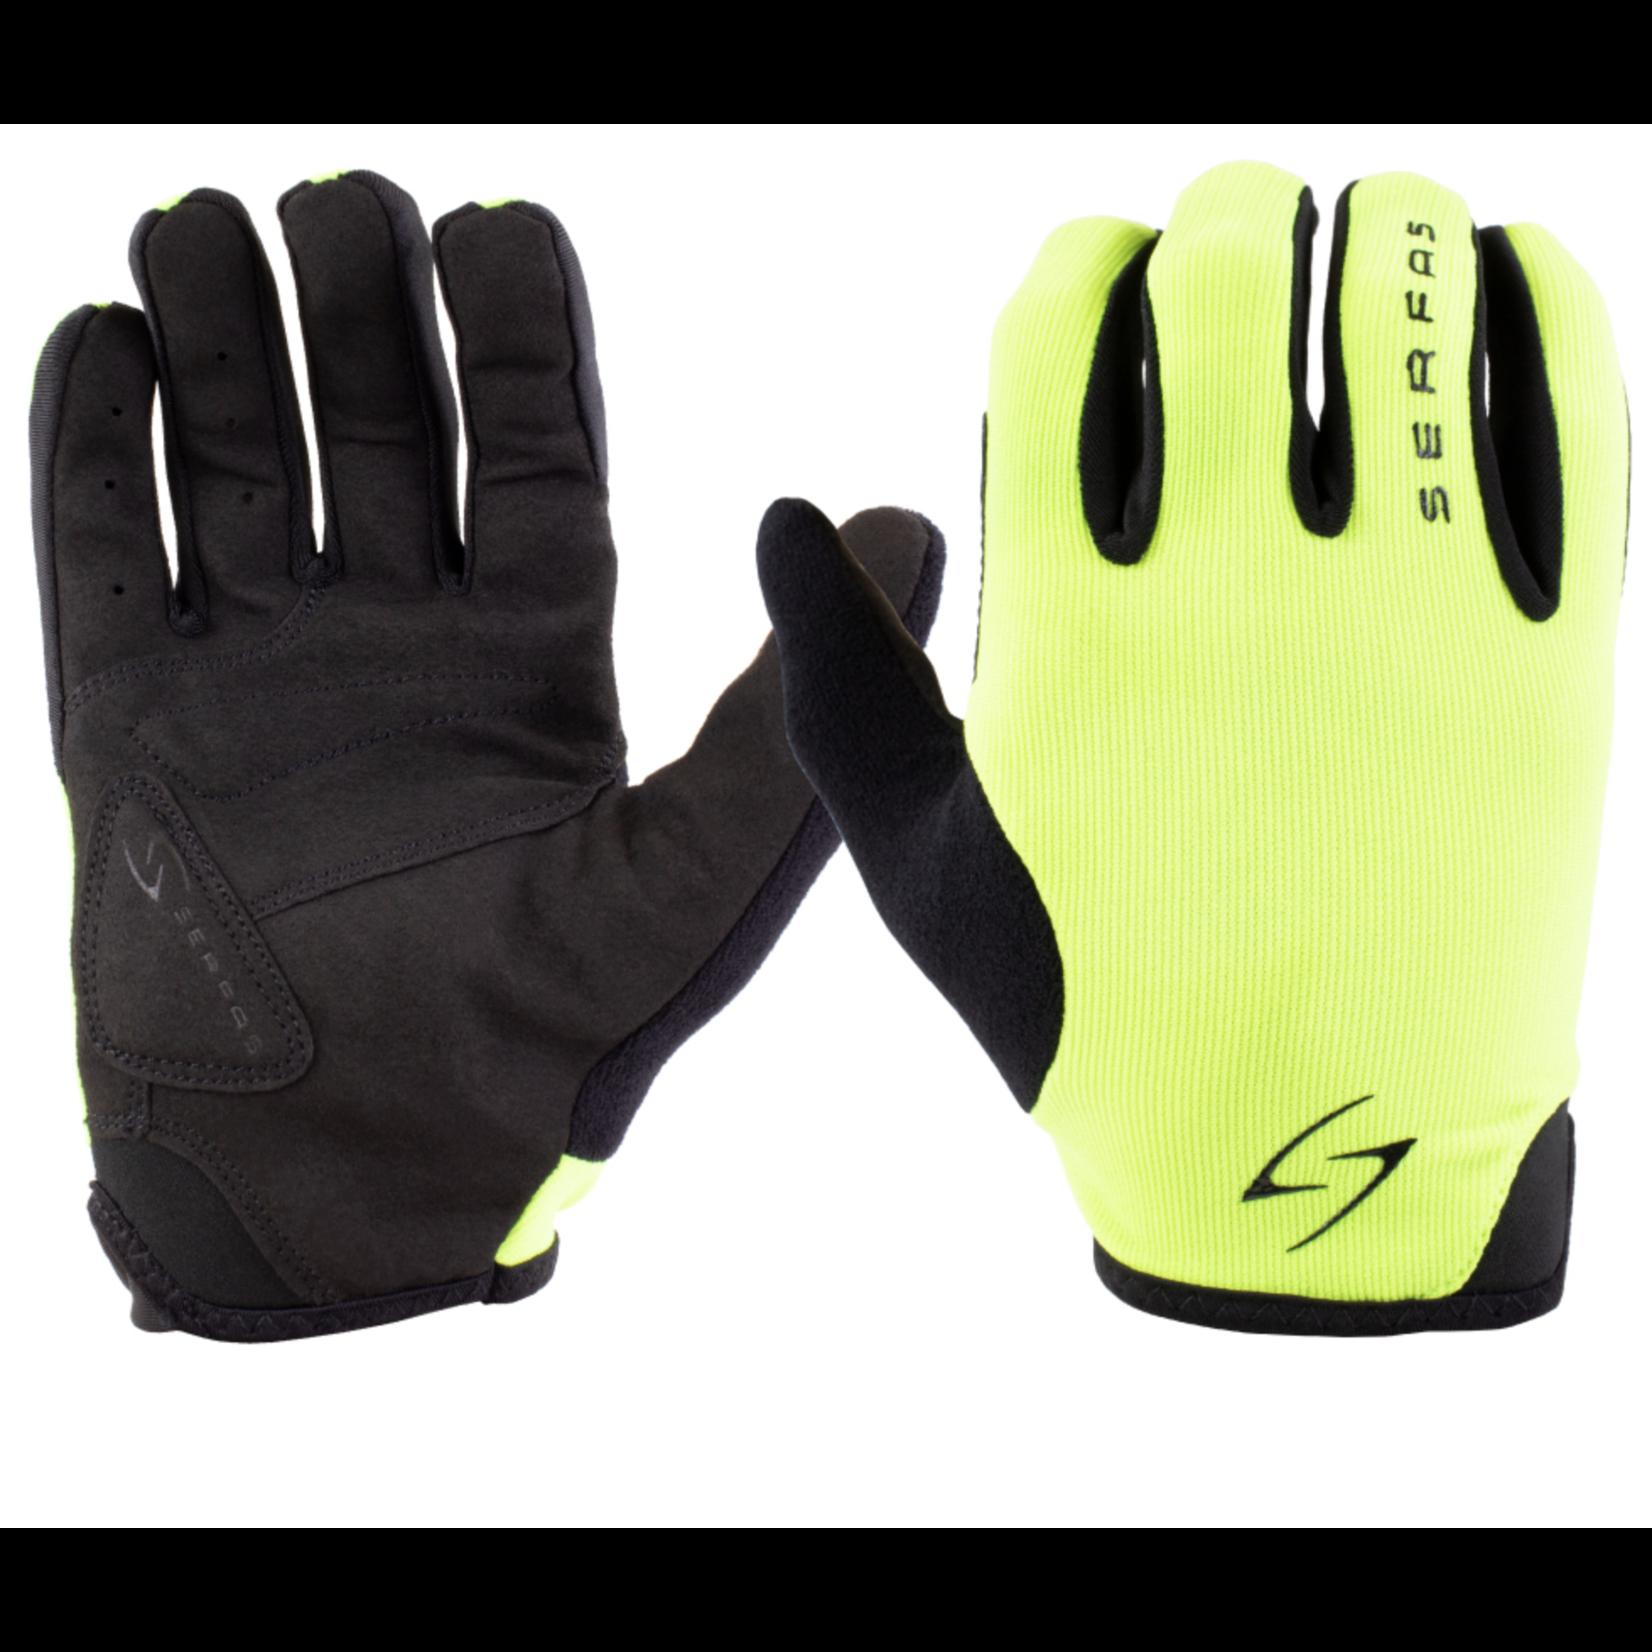 SERFAS SLM-HV 3.1 Starter Long Finger Gloves  Green MD (SERFAS)